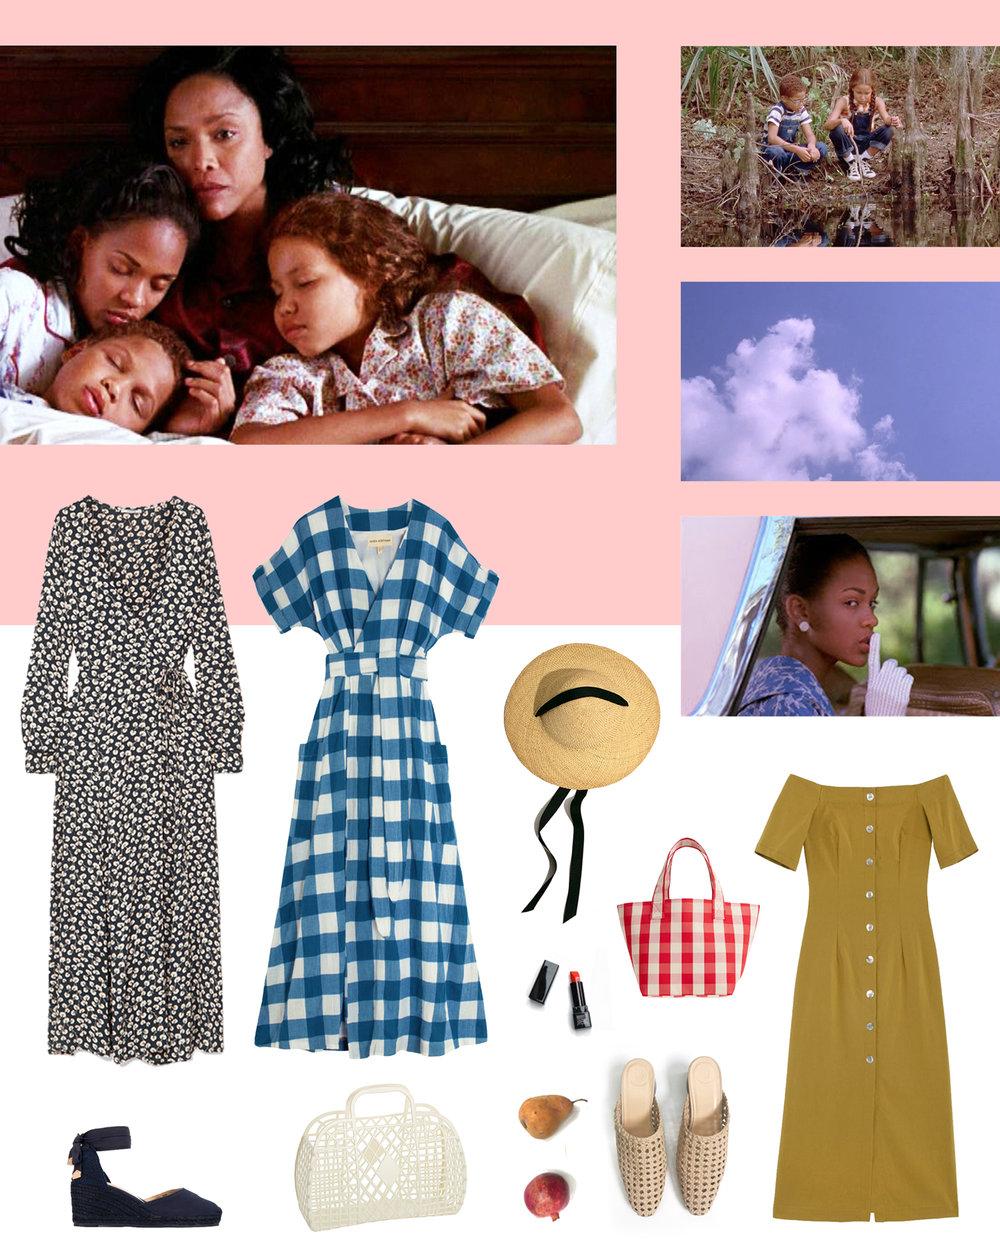 Lisa-Says-Gah-FilmFriday-Eves-Bayou-1997-Collage.jpg